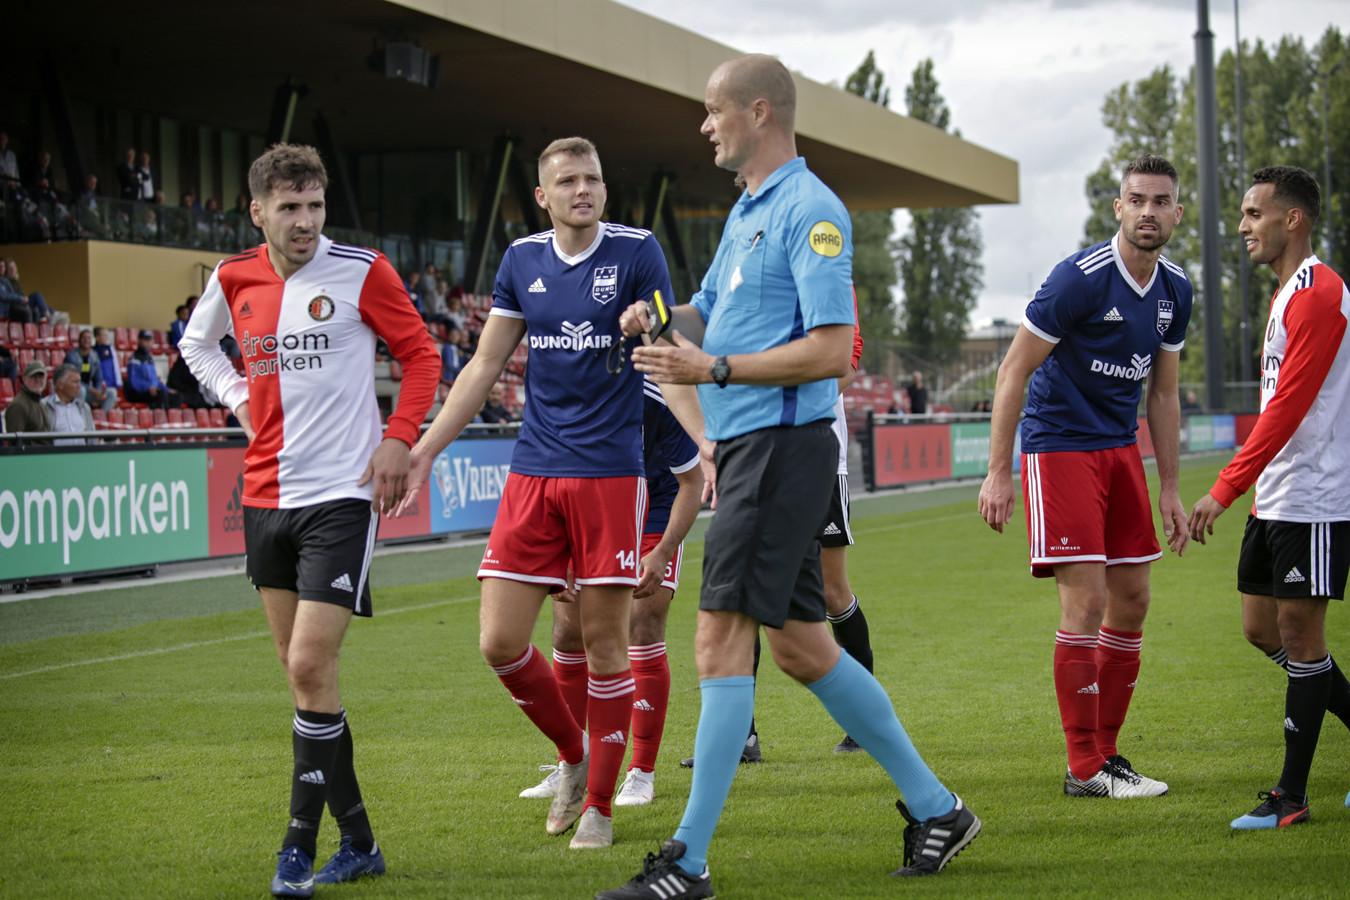 Koen Huntelaar (broekje nummer 14) vraagt bij de scheidsrechter om uitleg in het hoofdklasseduel SC Feyenoord-DUNO eerder dit seizoen.